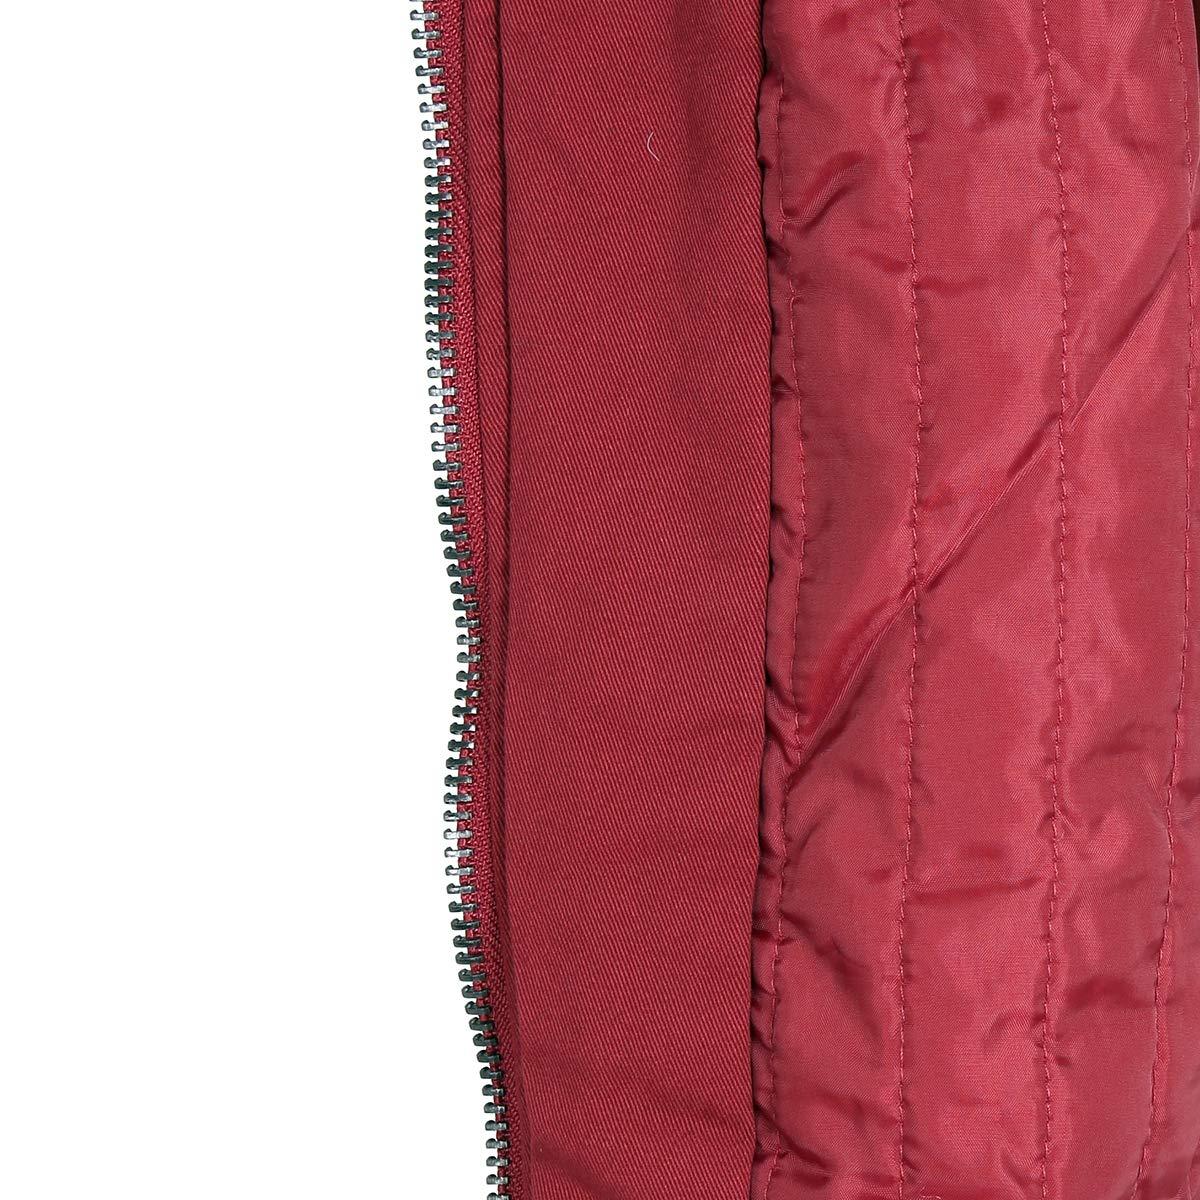 ONLY Damen Onlmacy Canvas Jacket Cc OTW Parka